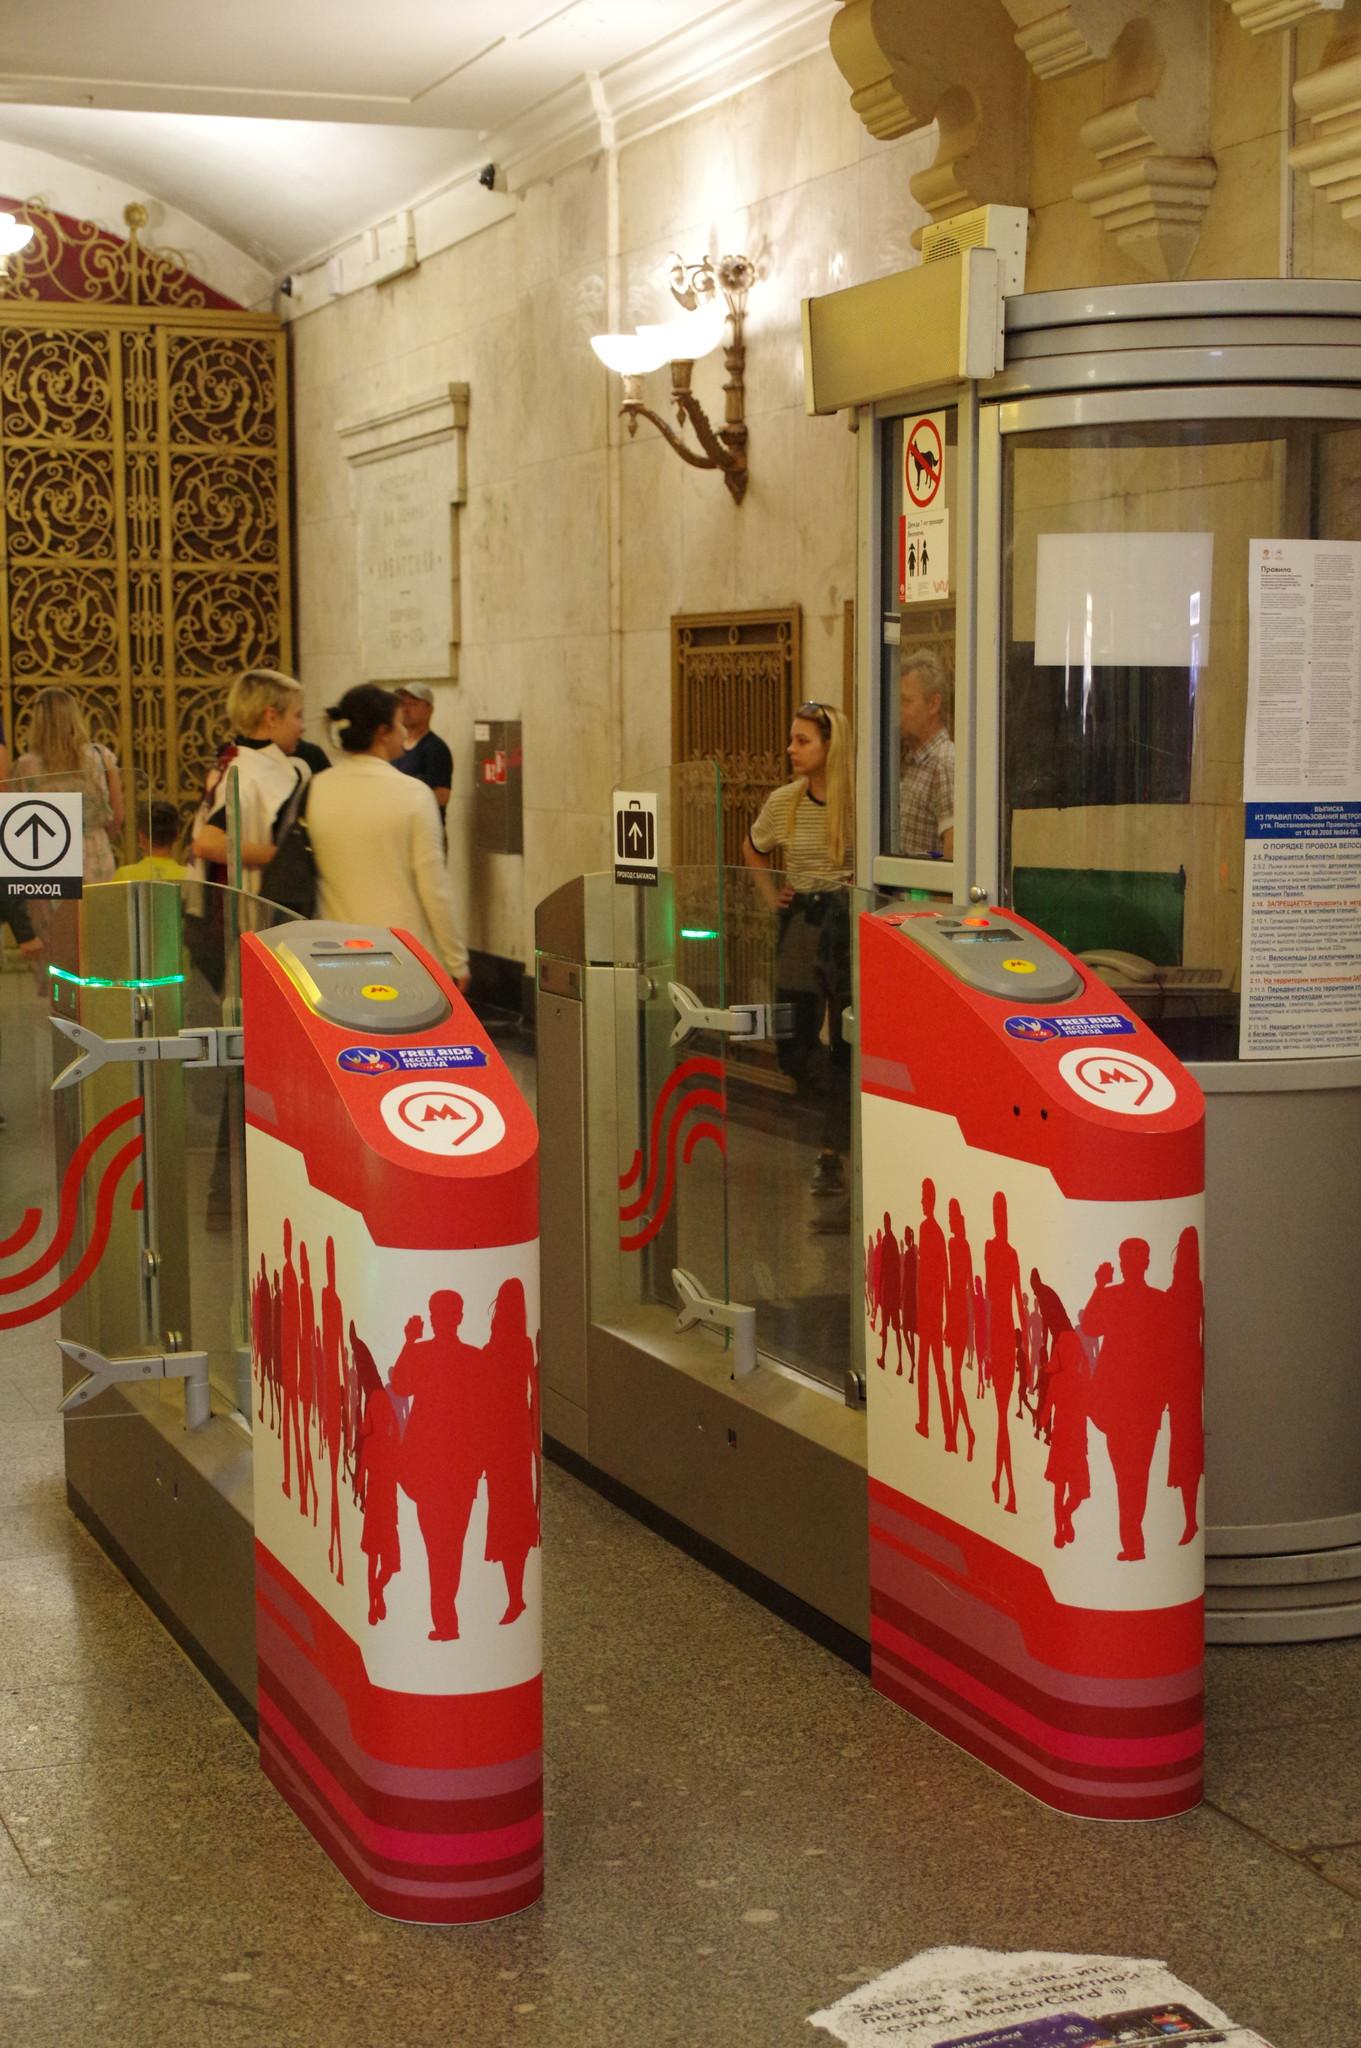 Турникеты на станции «Арбатская», через которые обладатели fan-ID смогут проходить бесплатно